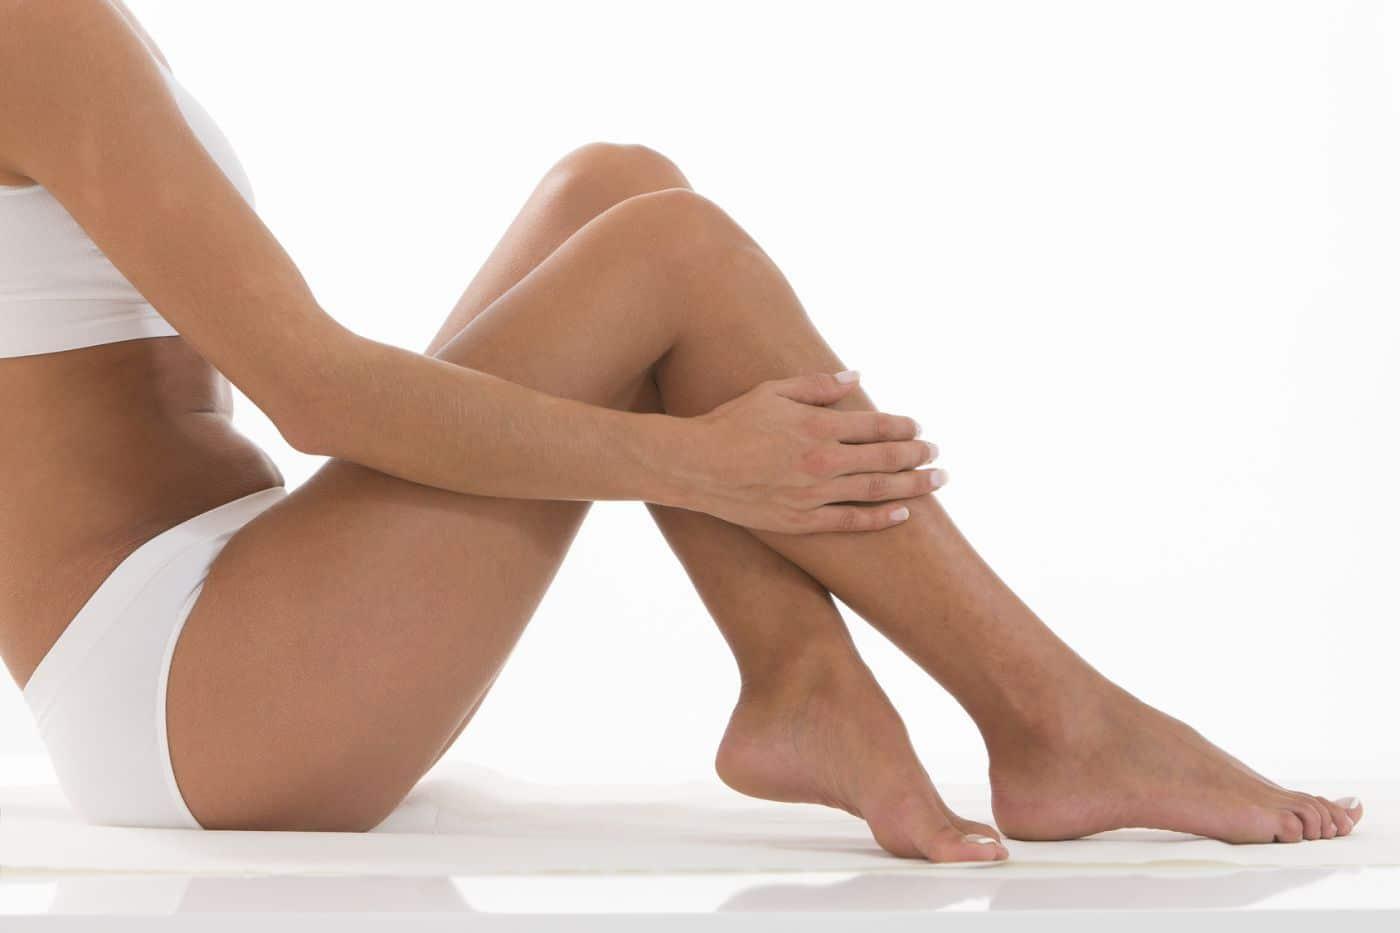 nogi-depilacja